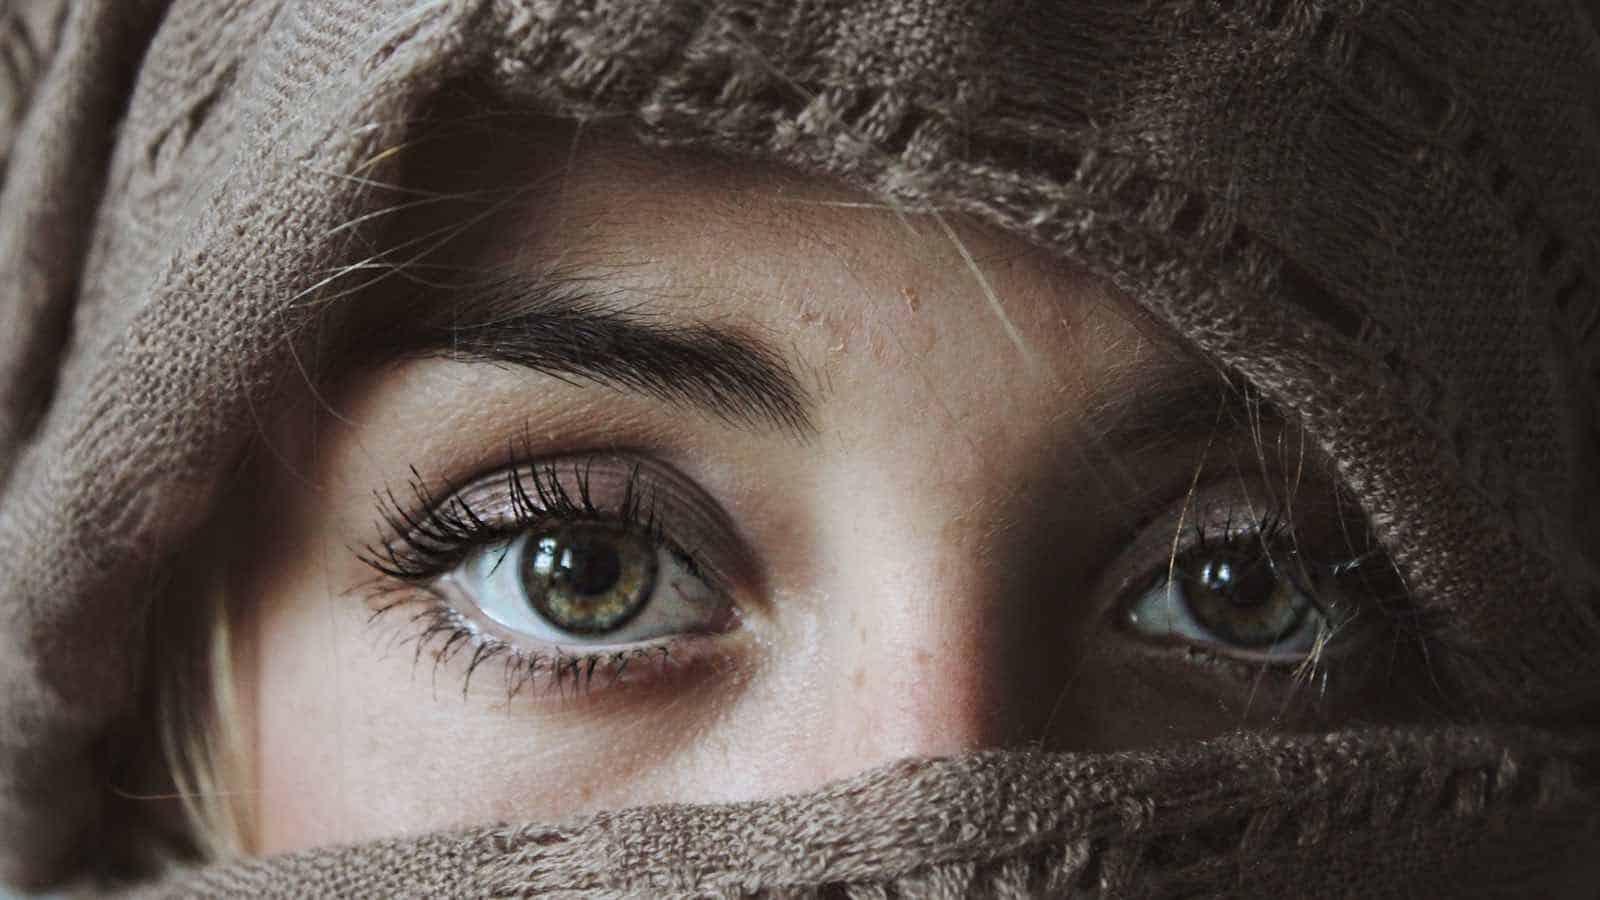 Geschwollene Augen- 11 Tipps & Hausmittel, die sofort helfen